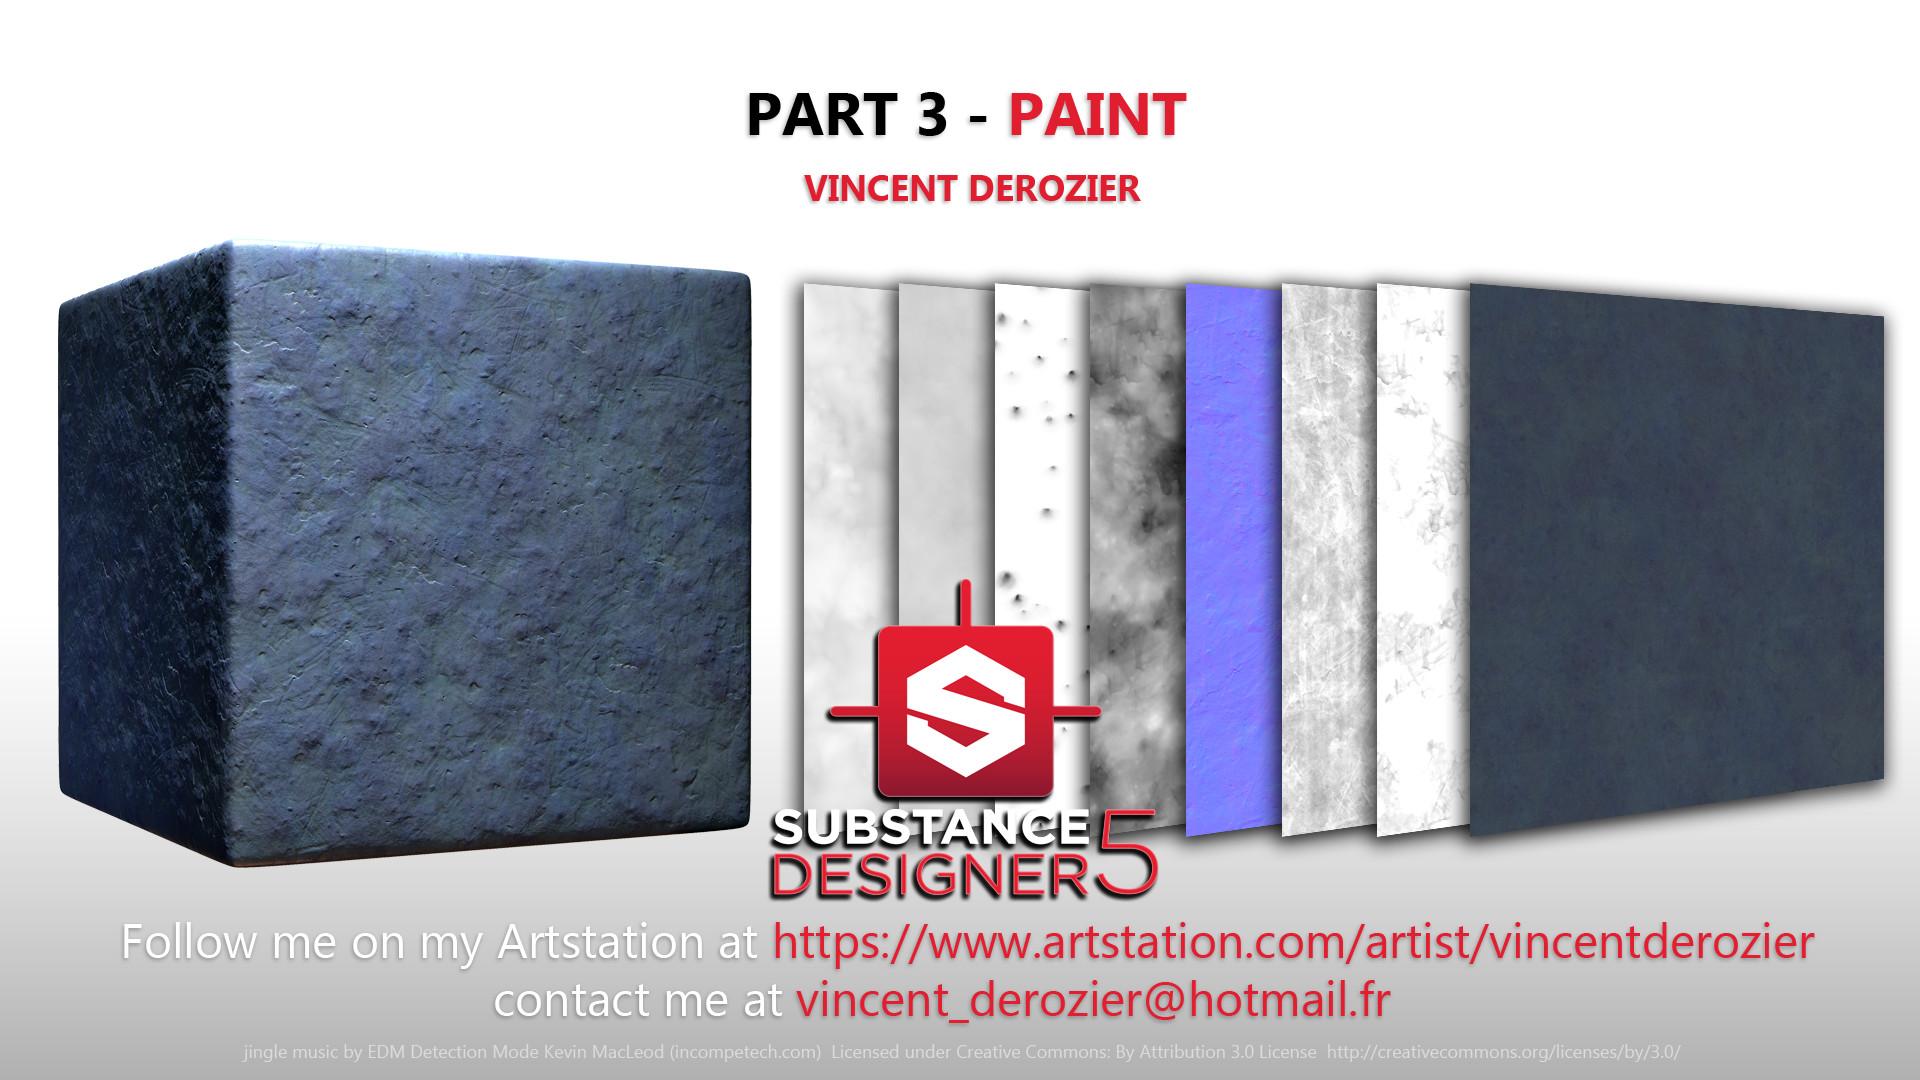 Vincent derozier part 3 paint